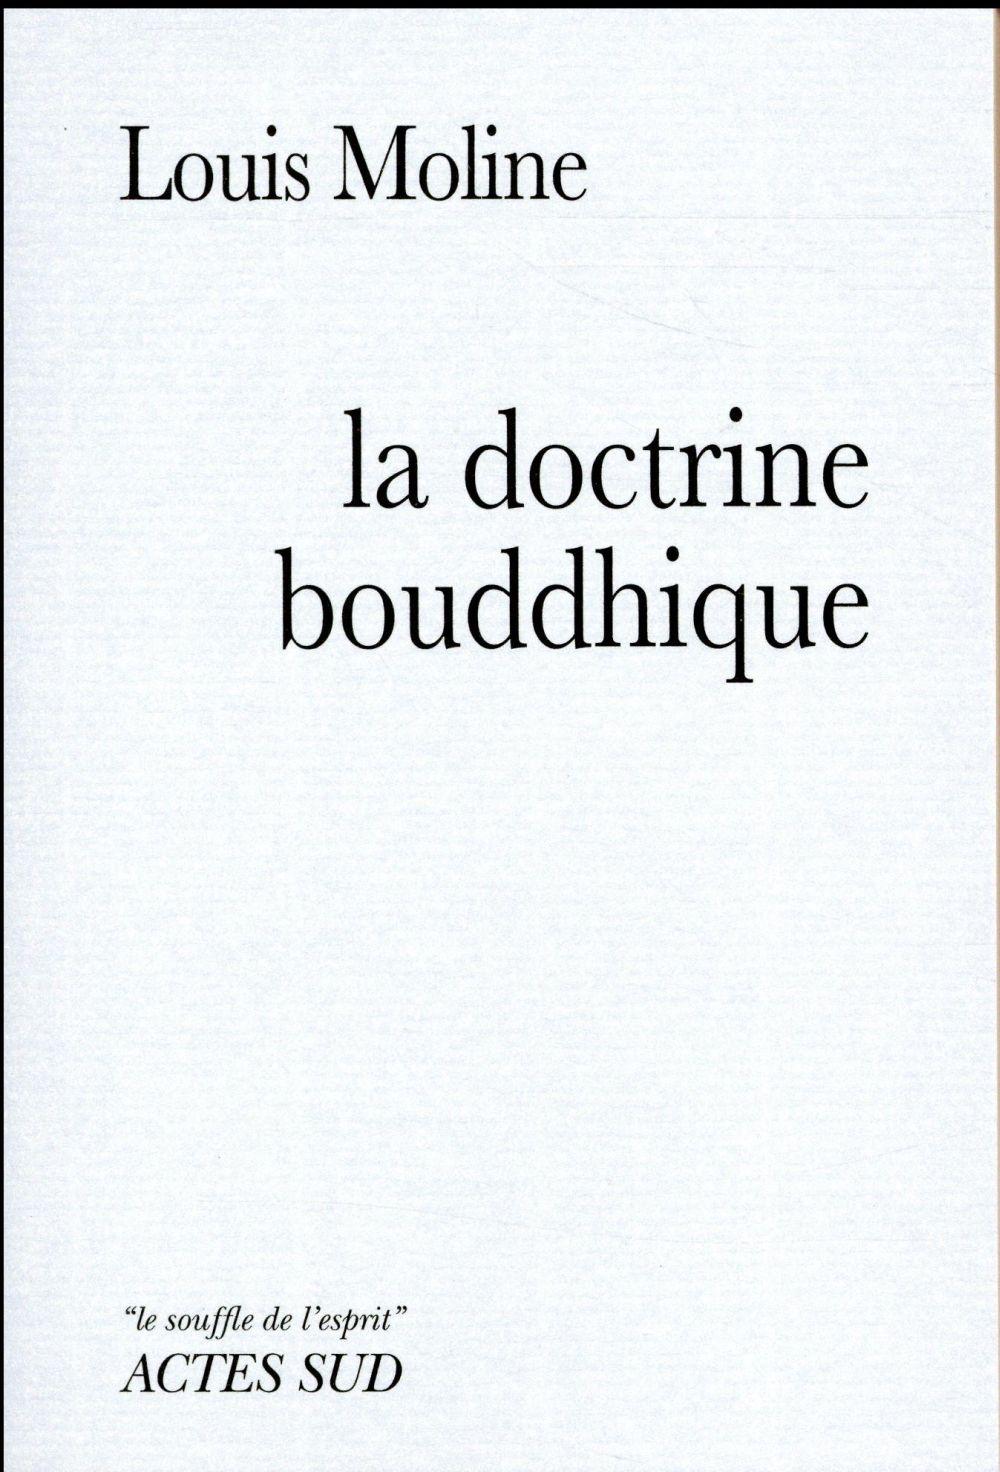 LA DOCTRINE BOUDDHIQUE Moline Louis Actes Sud